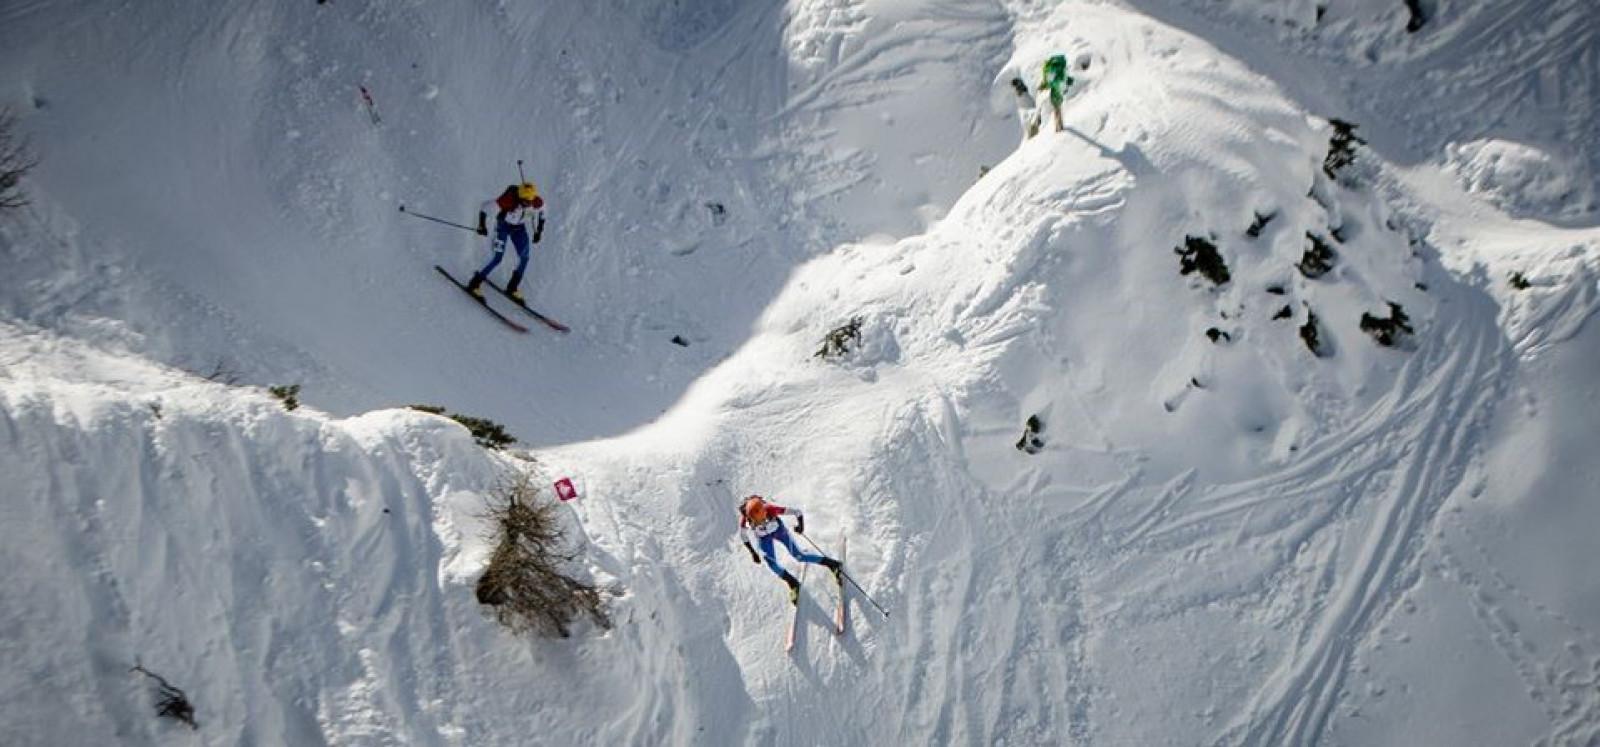 Championnats du monde de ski-alpinisme : des débuts peau au plancher !